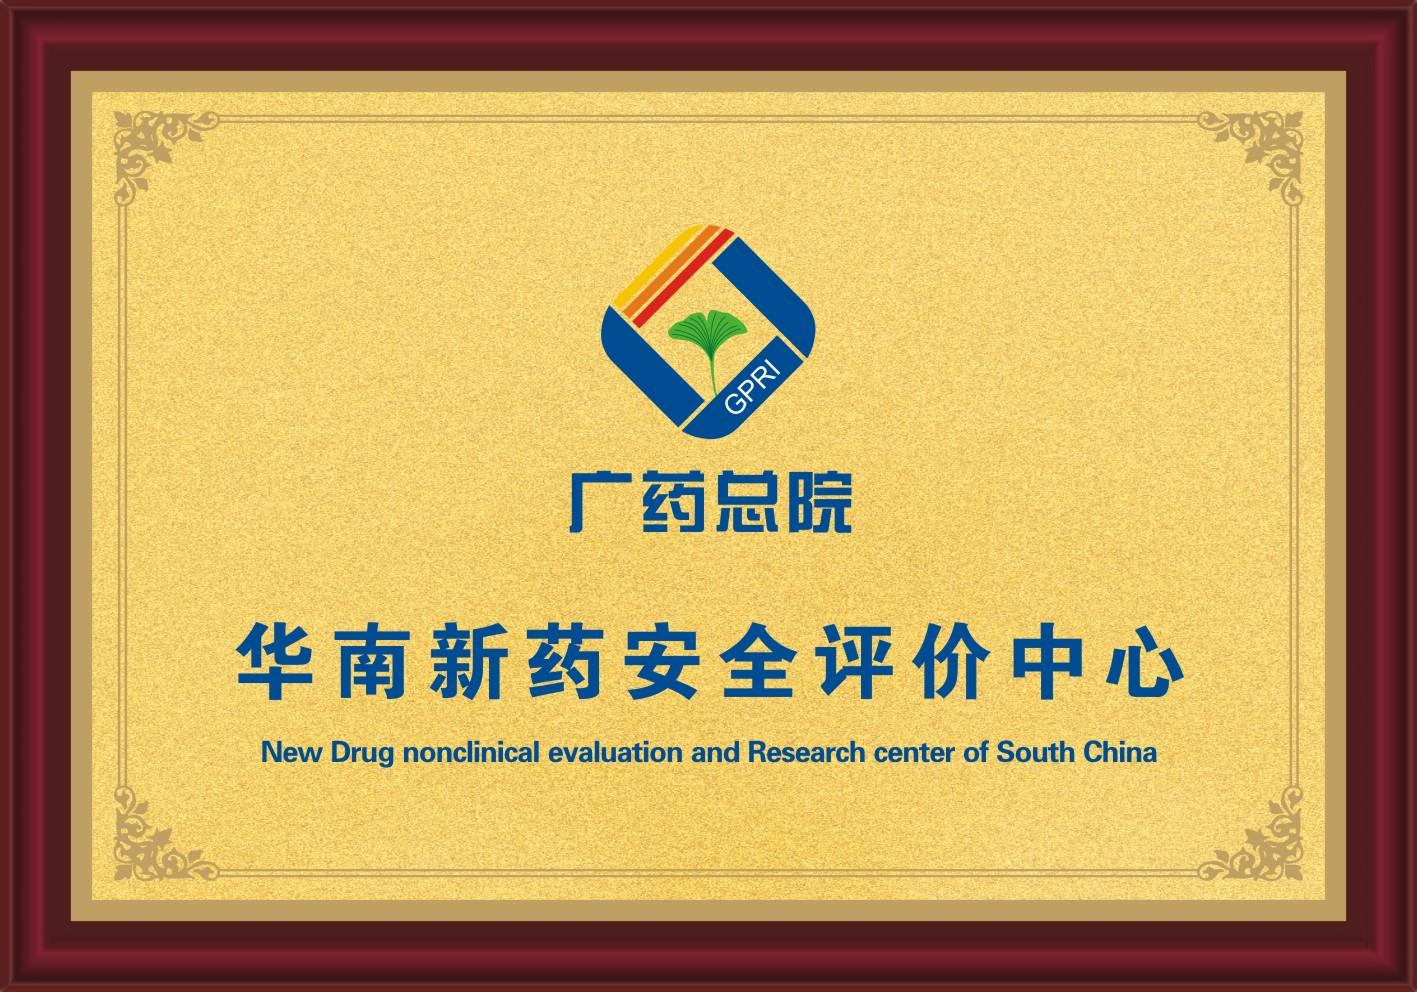 华南新药安全评价中心